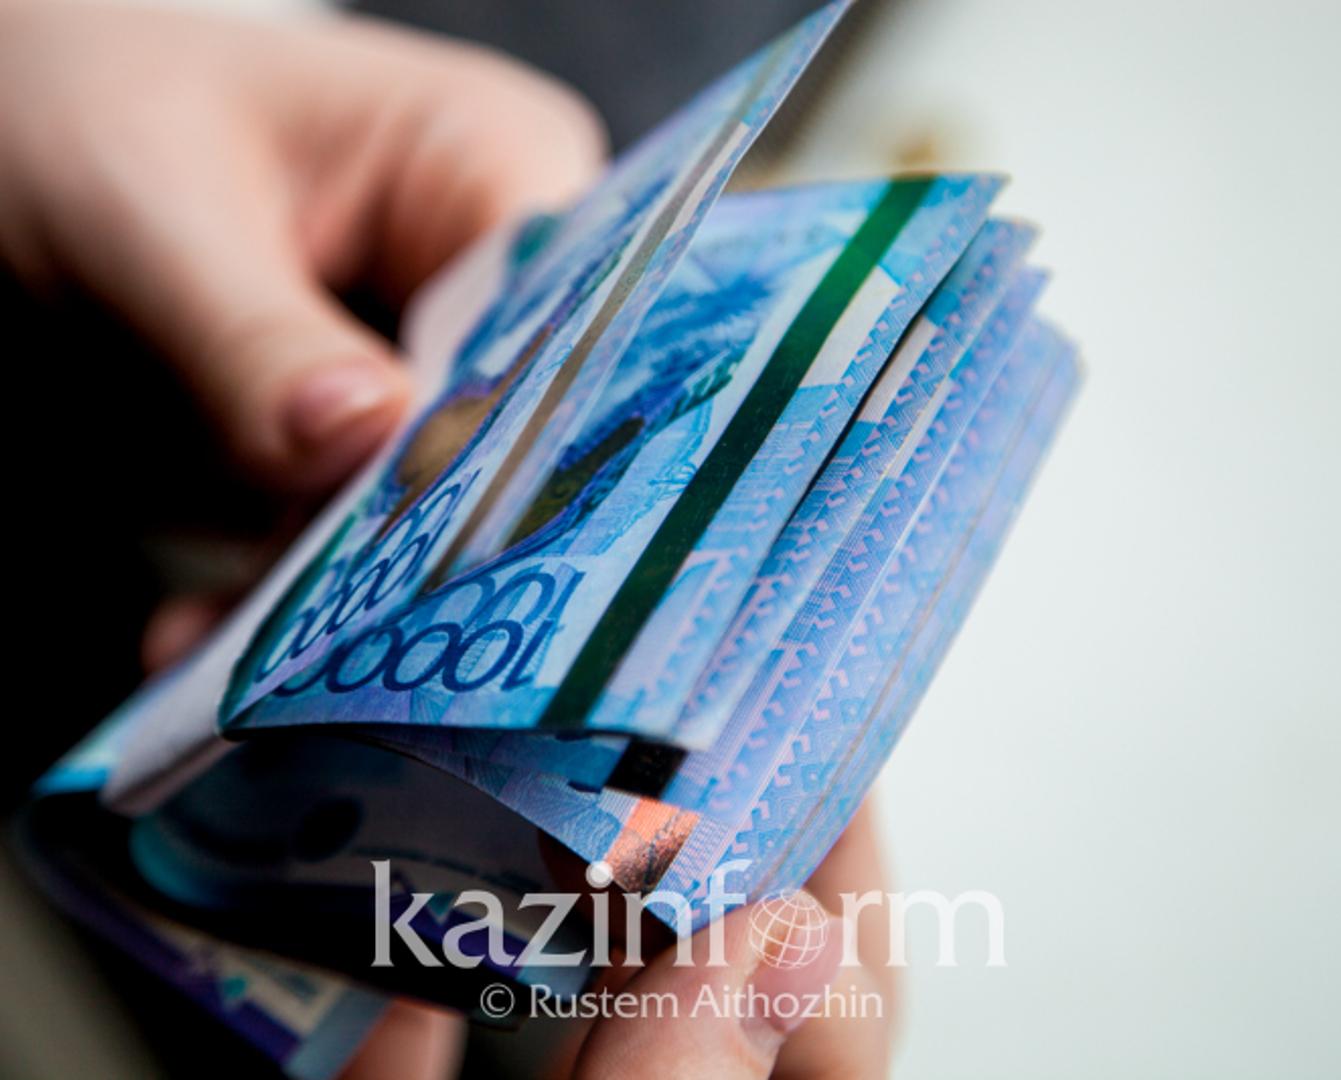 Президент: Более миллиона казахстанцев получат повышенную зарплату с 1 июня